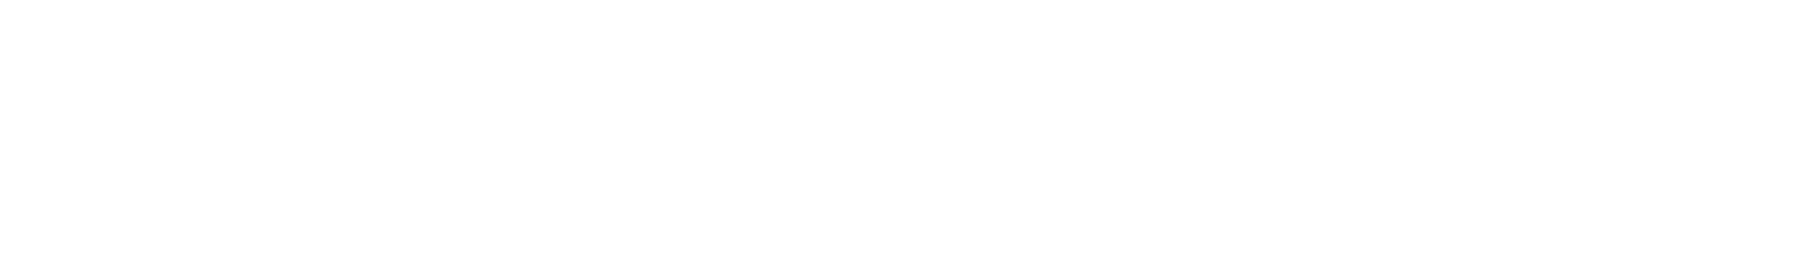 seismic bass key is b